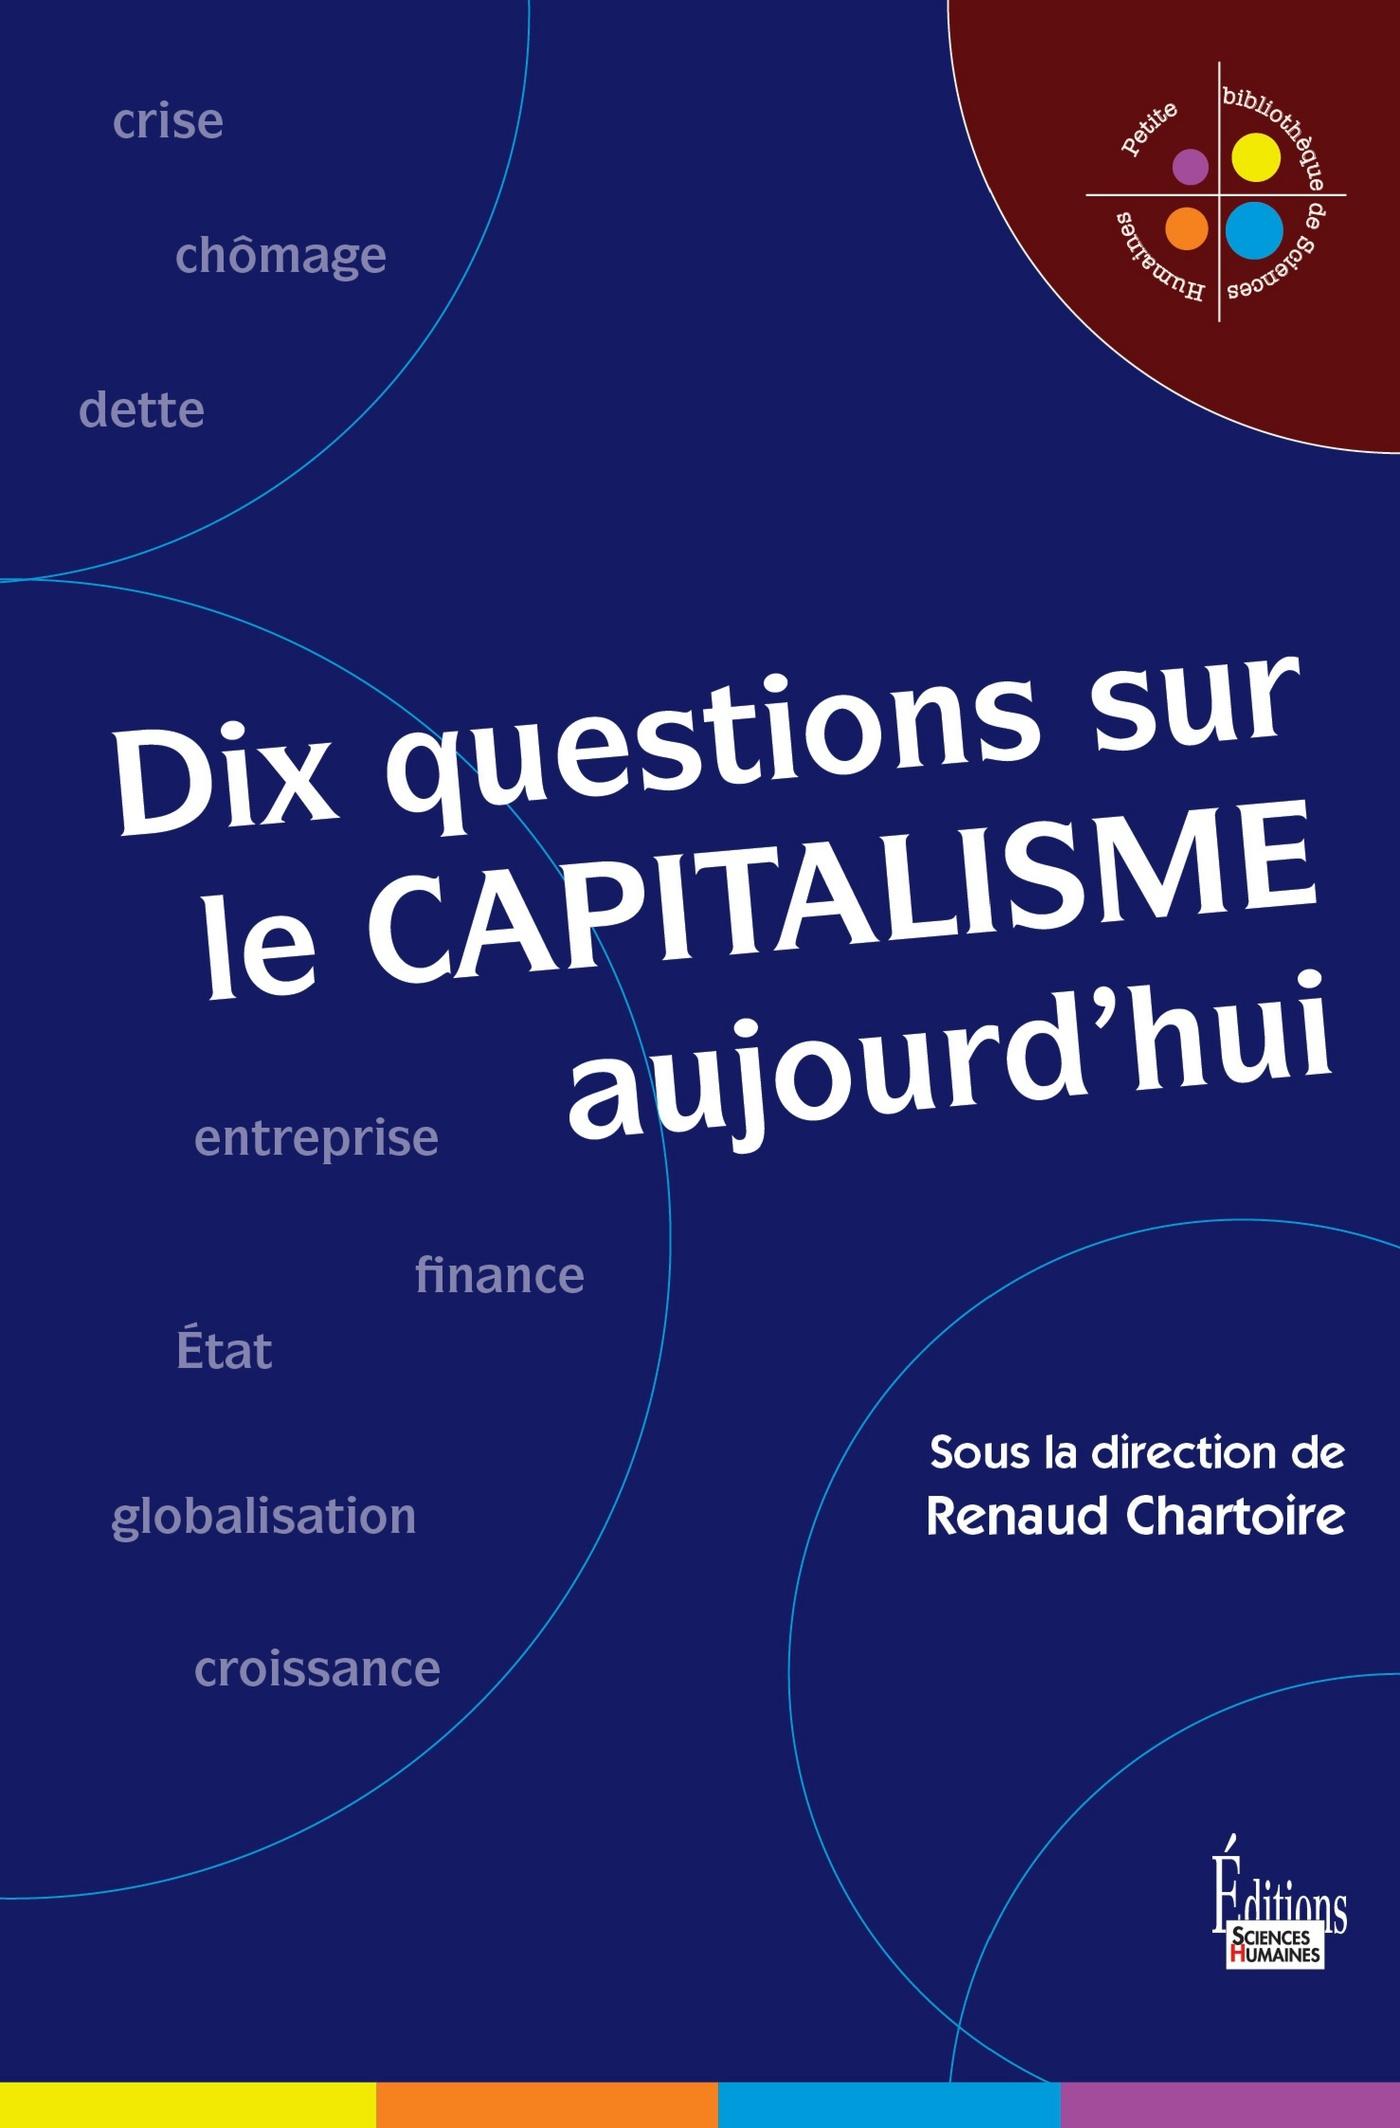 Dix questions sur le capitalisme